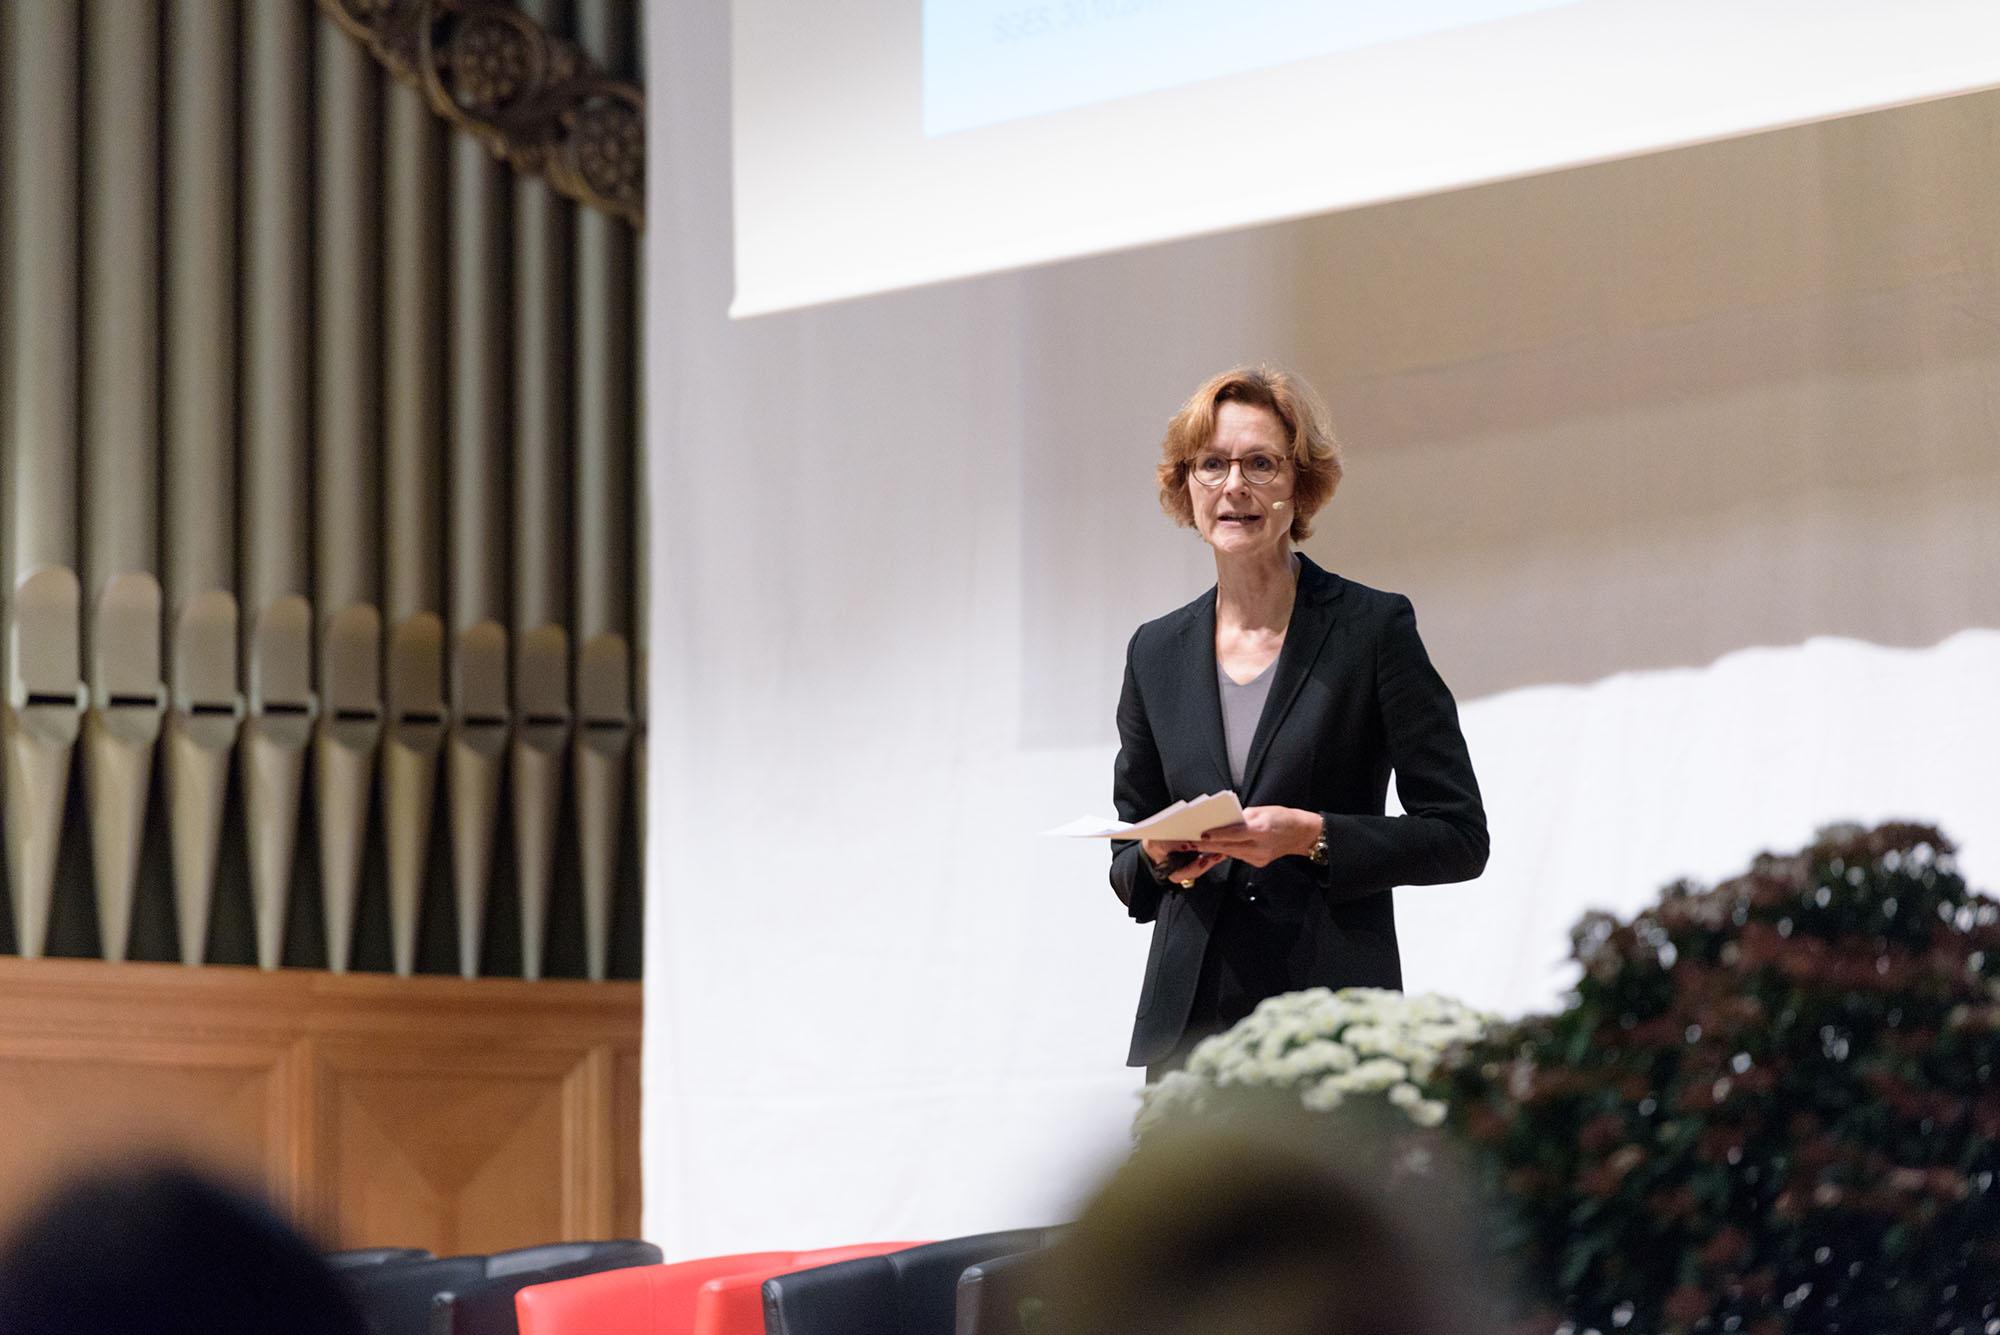 Monika Rühl, Vorsitzende der Geschäftsleitung von economiesuisse